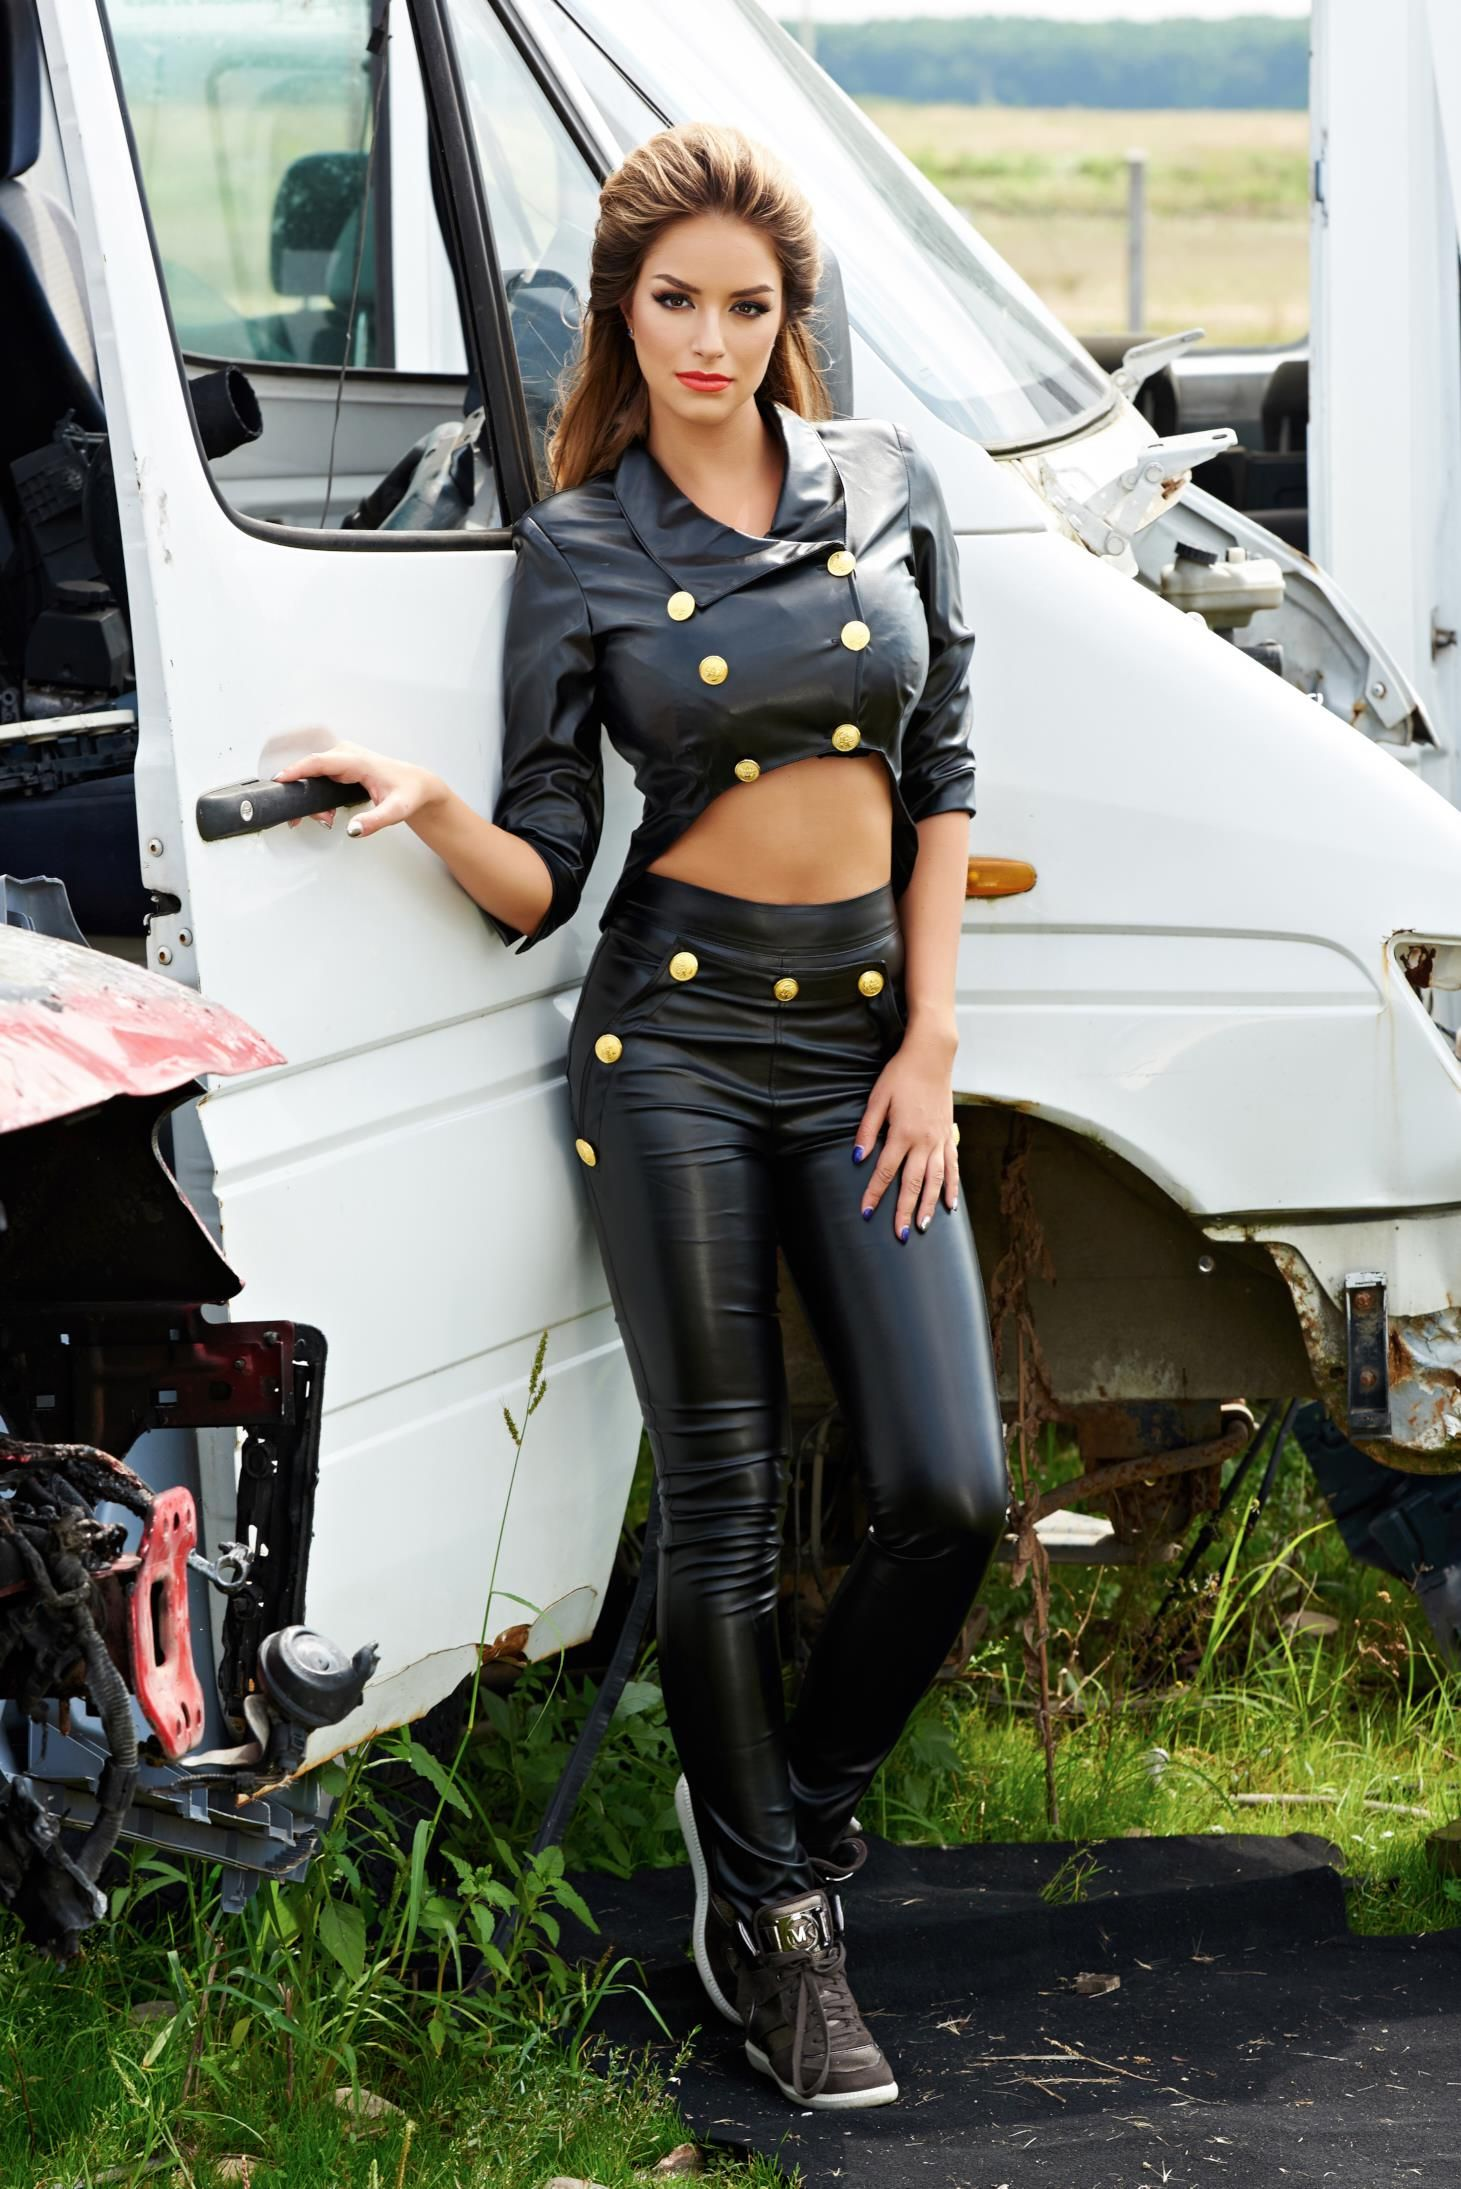 Leather Leggings Fashion